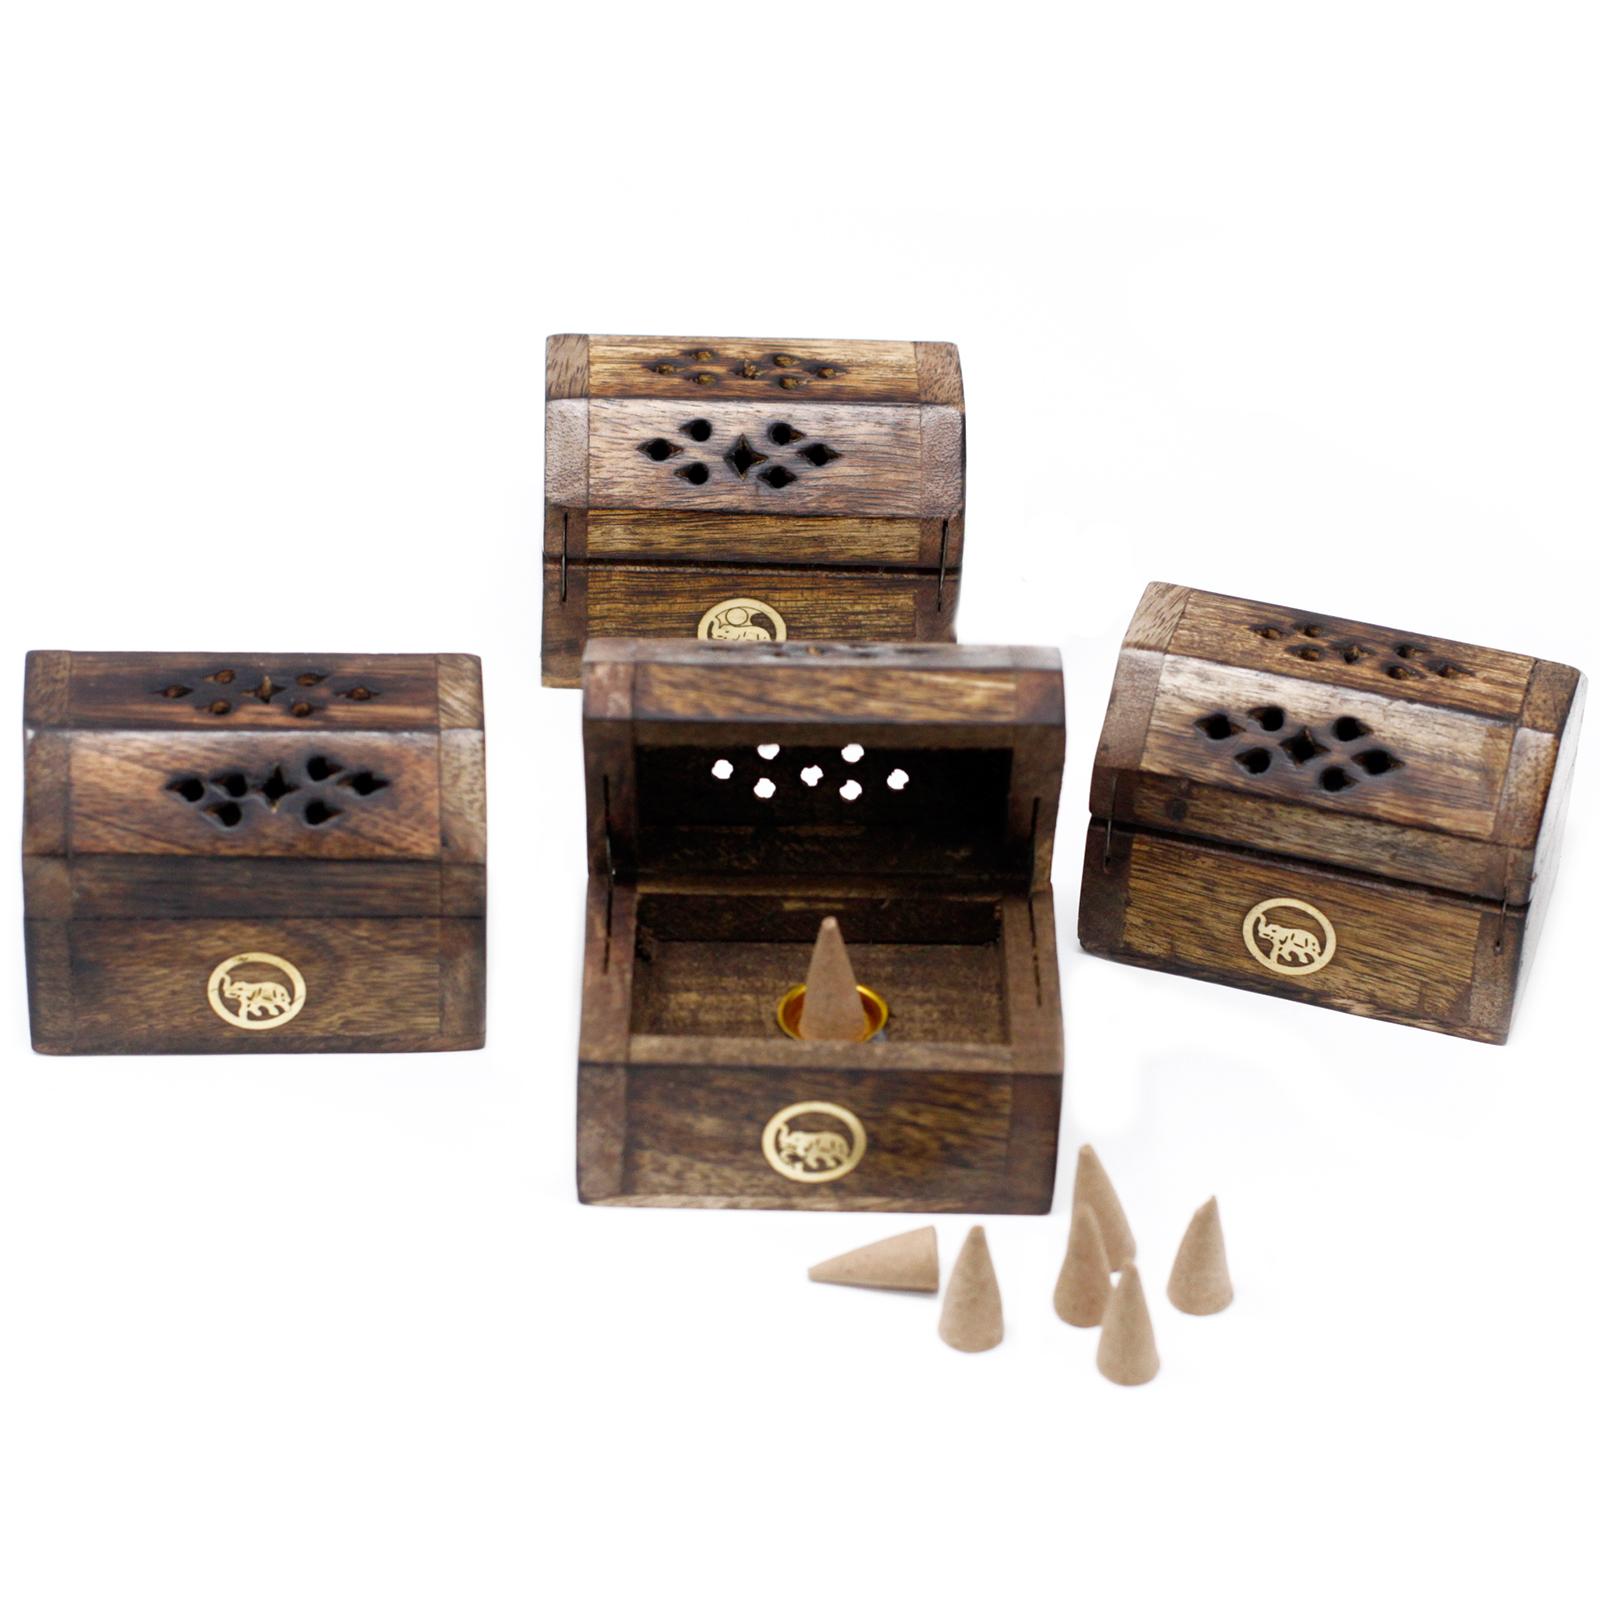 Malé Krabičky pro Vonné Kužele - Mangové Dřevo